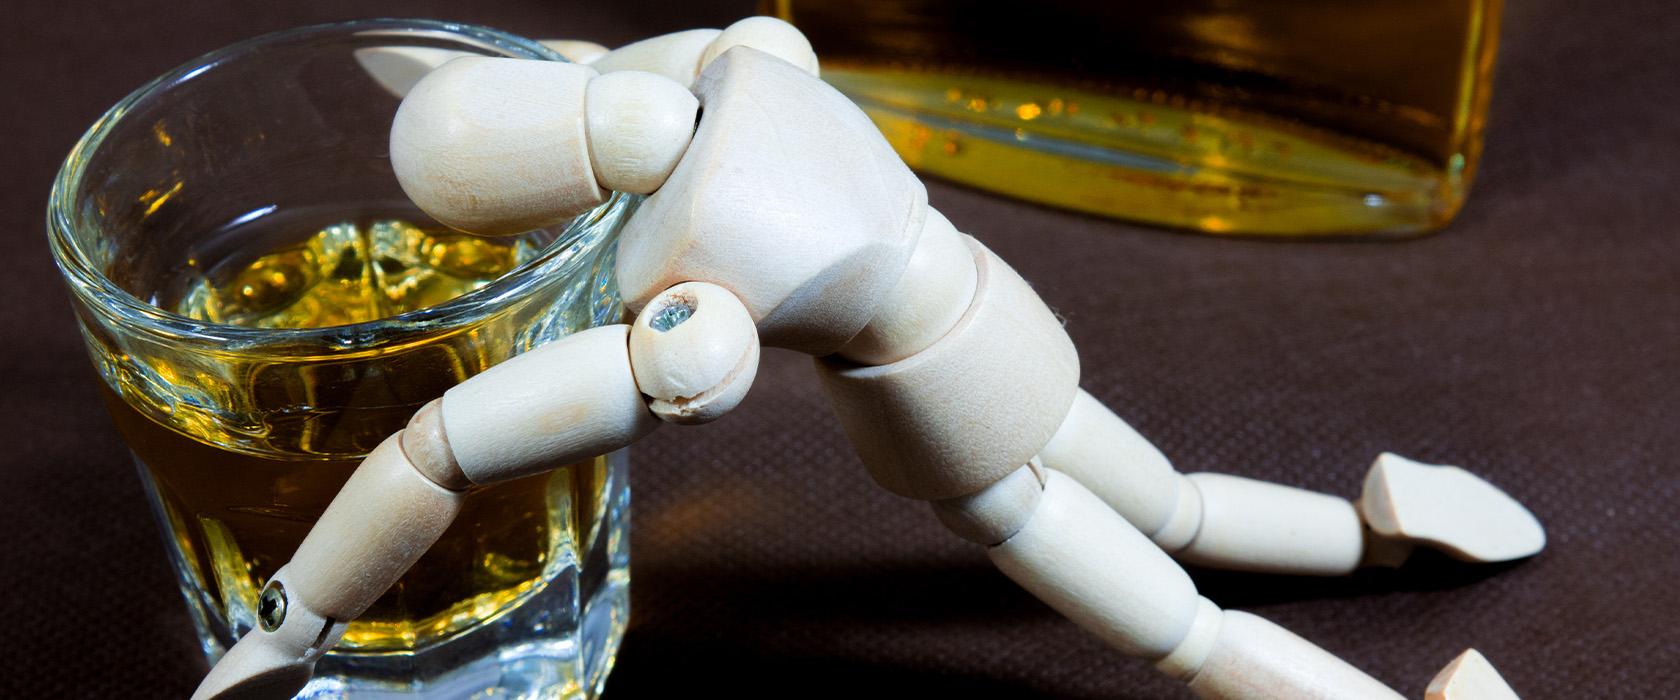 Понижает ли спиртное холестерин в крови